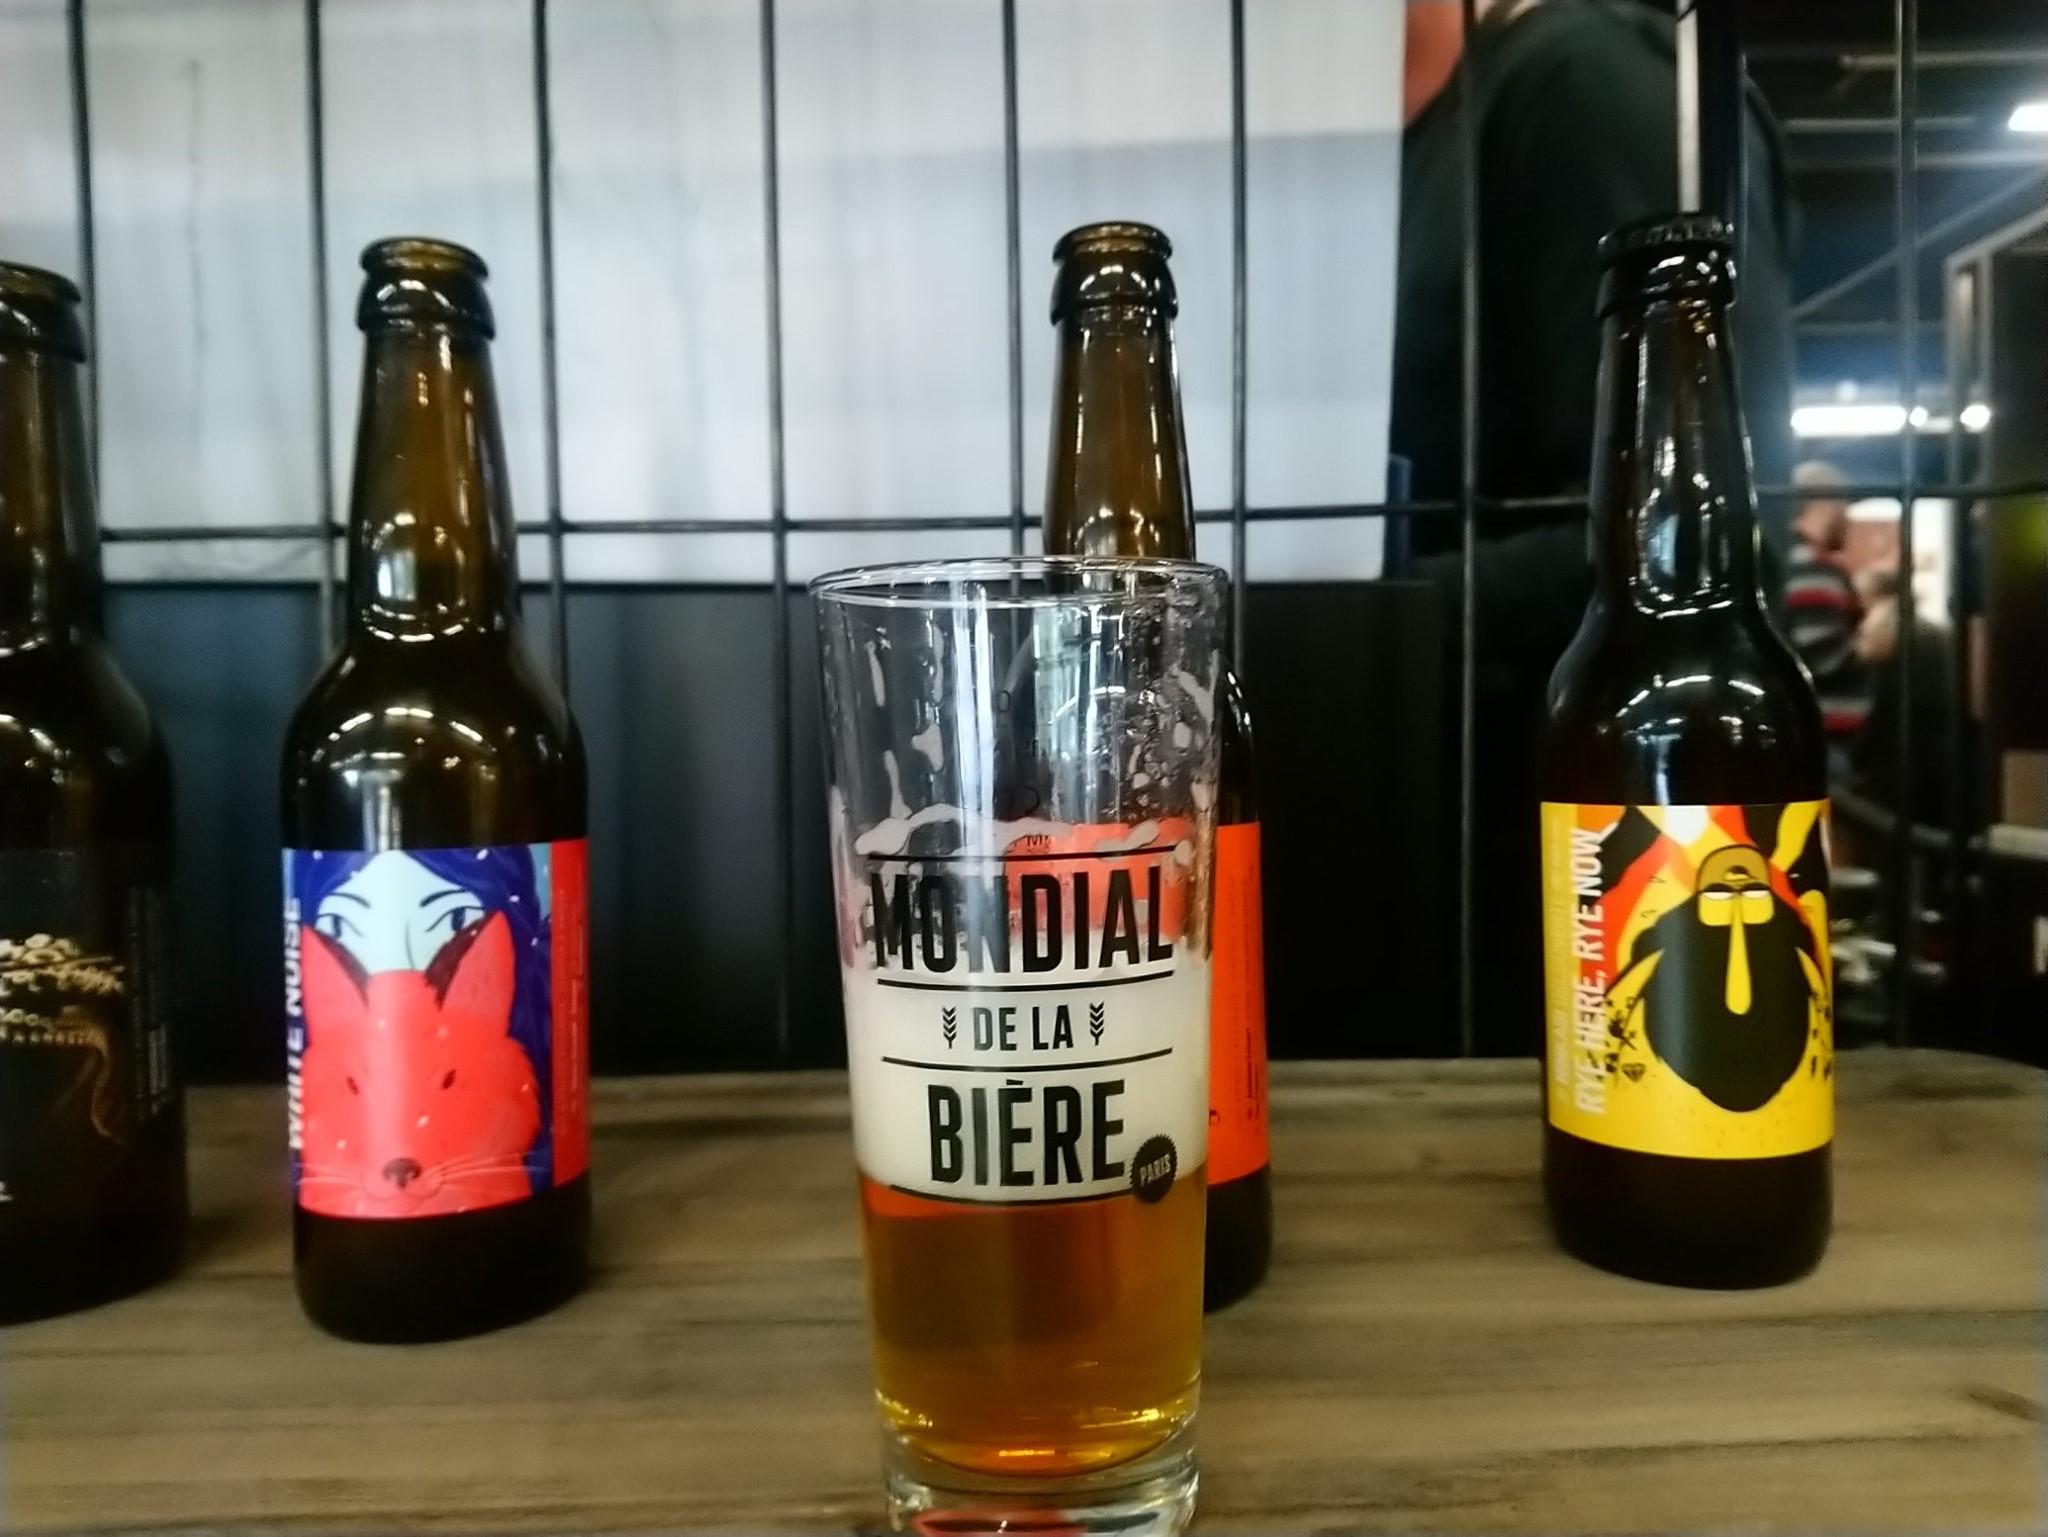 Une petite mousse - Mondial de la Bière 2019